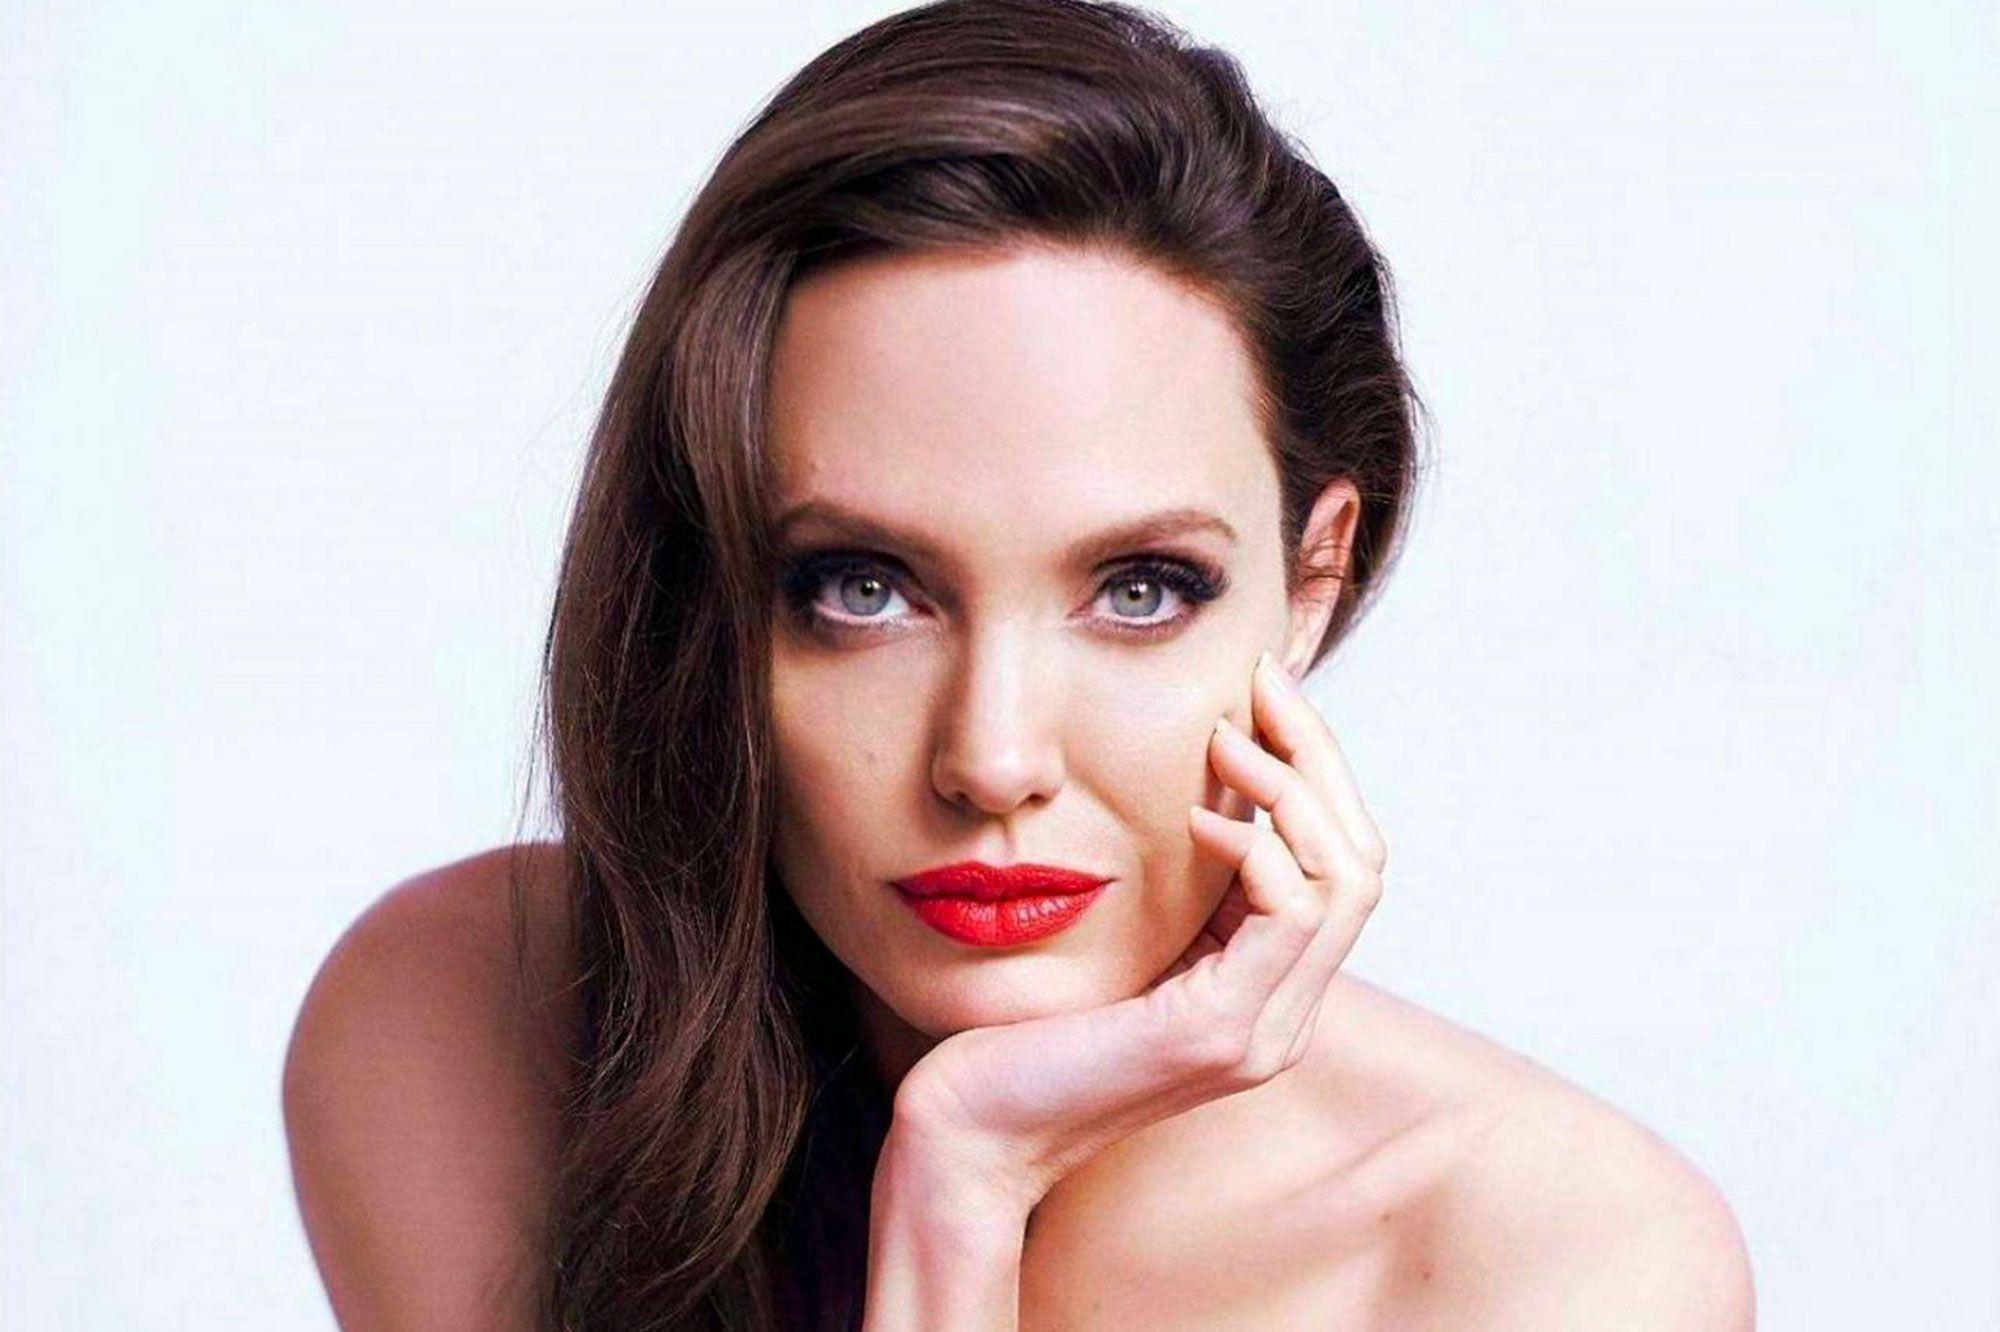 JolieSublime Guerlain JolieSublime Pour JolieSublime Angelina Angelina Pour Angelina Pour Guerlain HDE9Y2WI